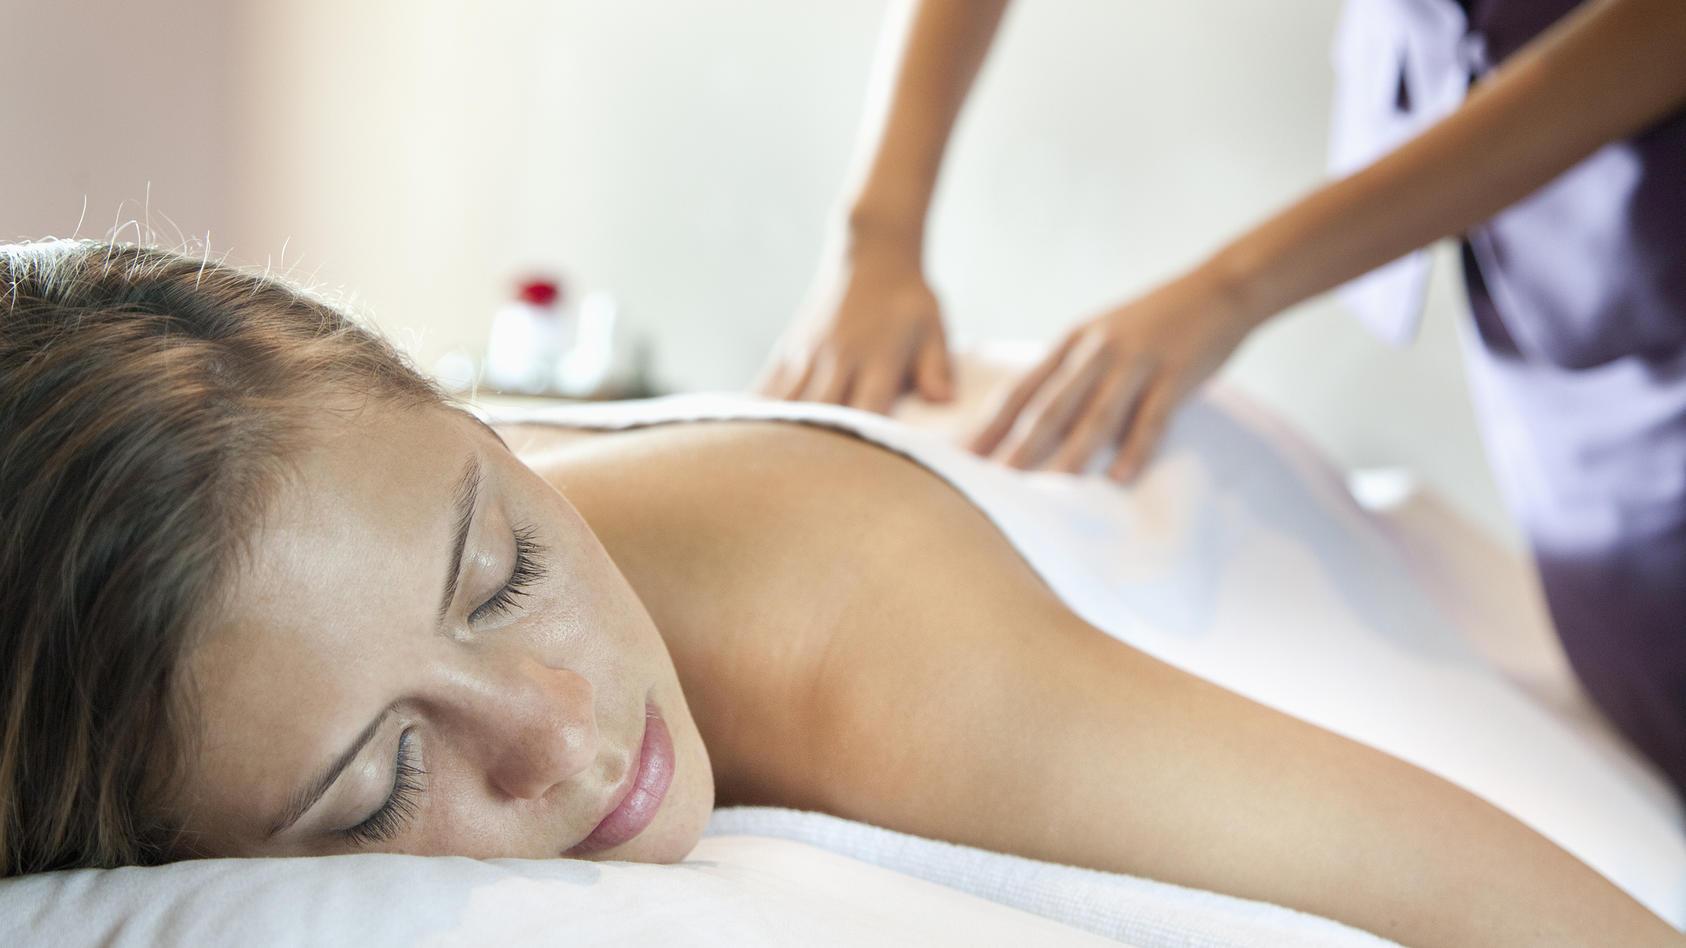 Mit der Meridian-Massage sollen die Energiekanäle geöffnet werden